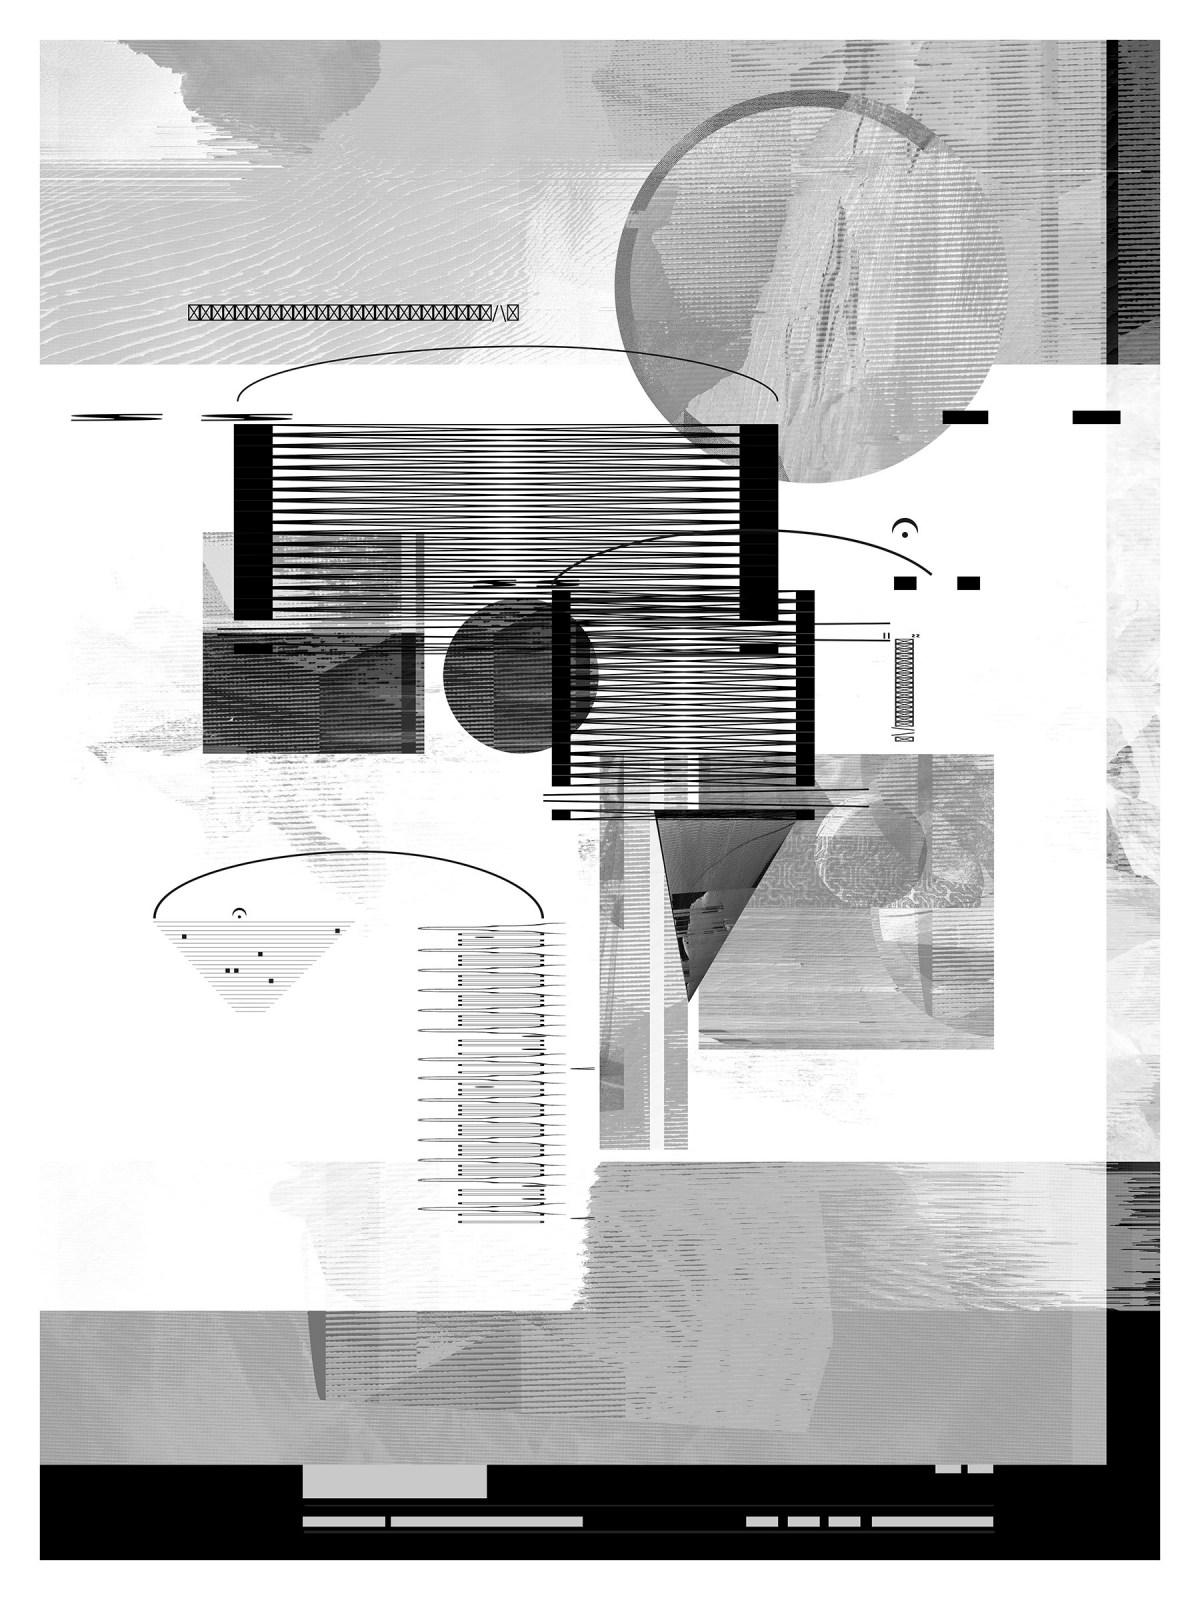 """BEZ TYTUŁU Z SERII """"EXERCISES OF LISTENING"""", EWA DOROSZENKO, REPRODUKCJA ZDJĘCIA, 40X30 CM, 2015, materiały promocyjne"""